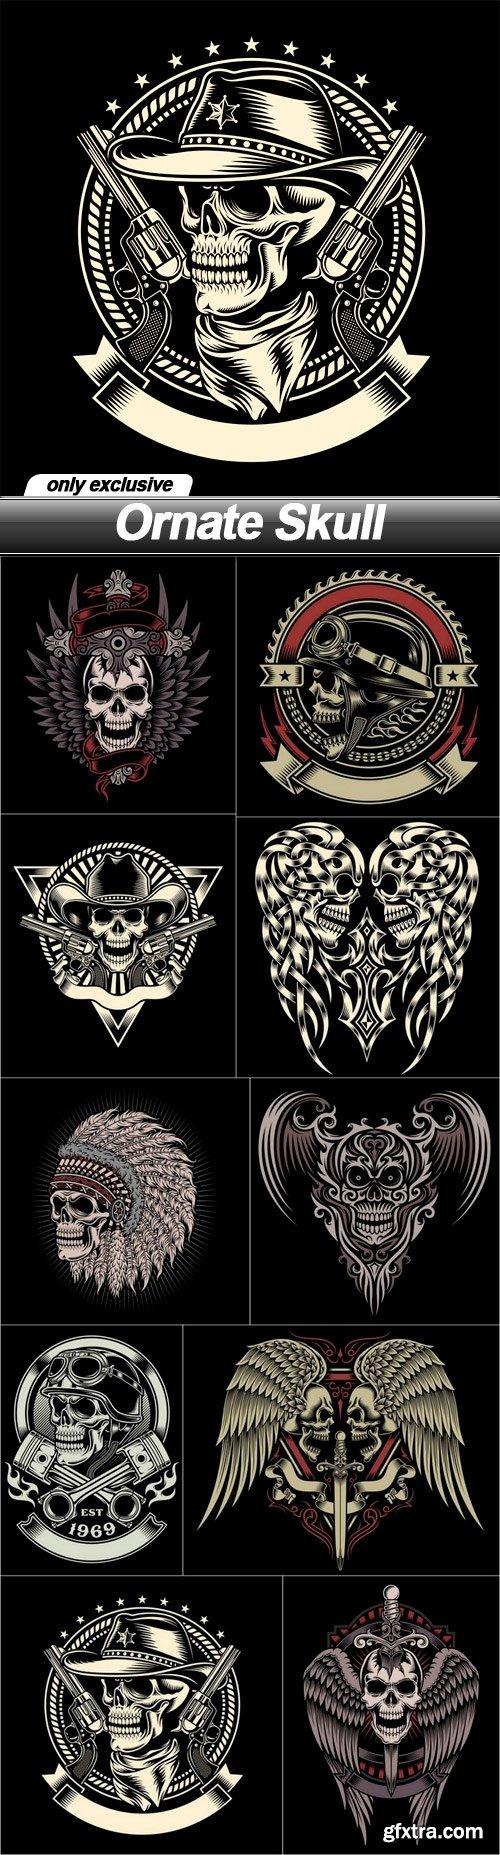 Ornate Skull - 10 EPS